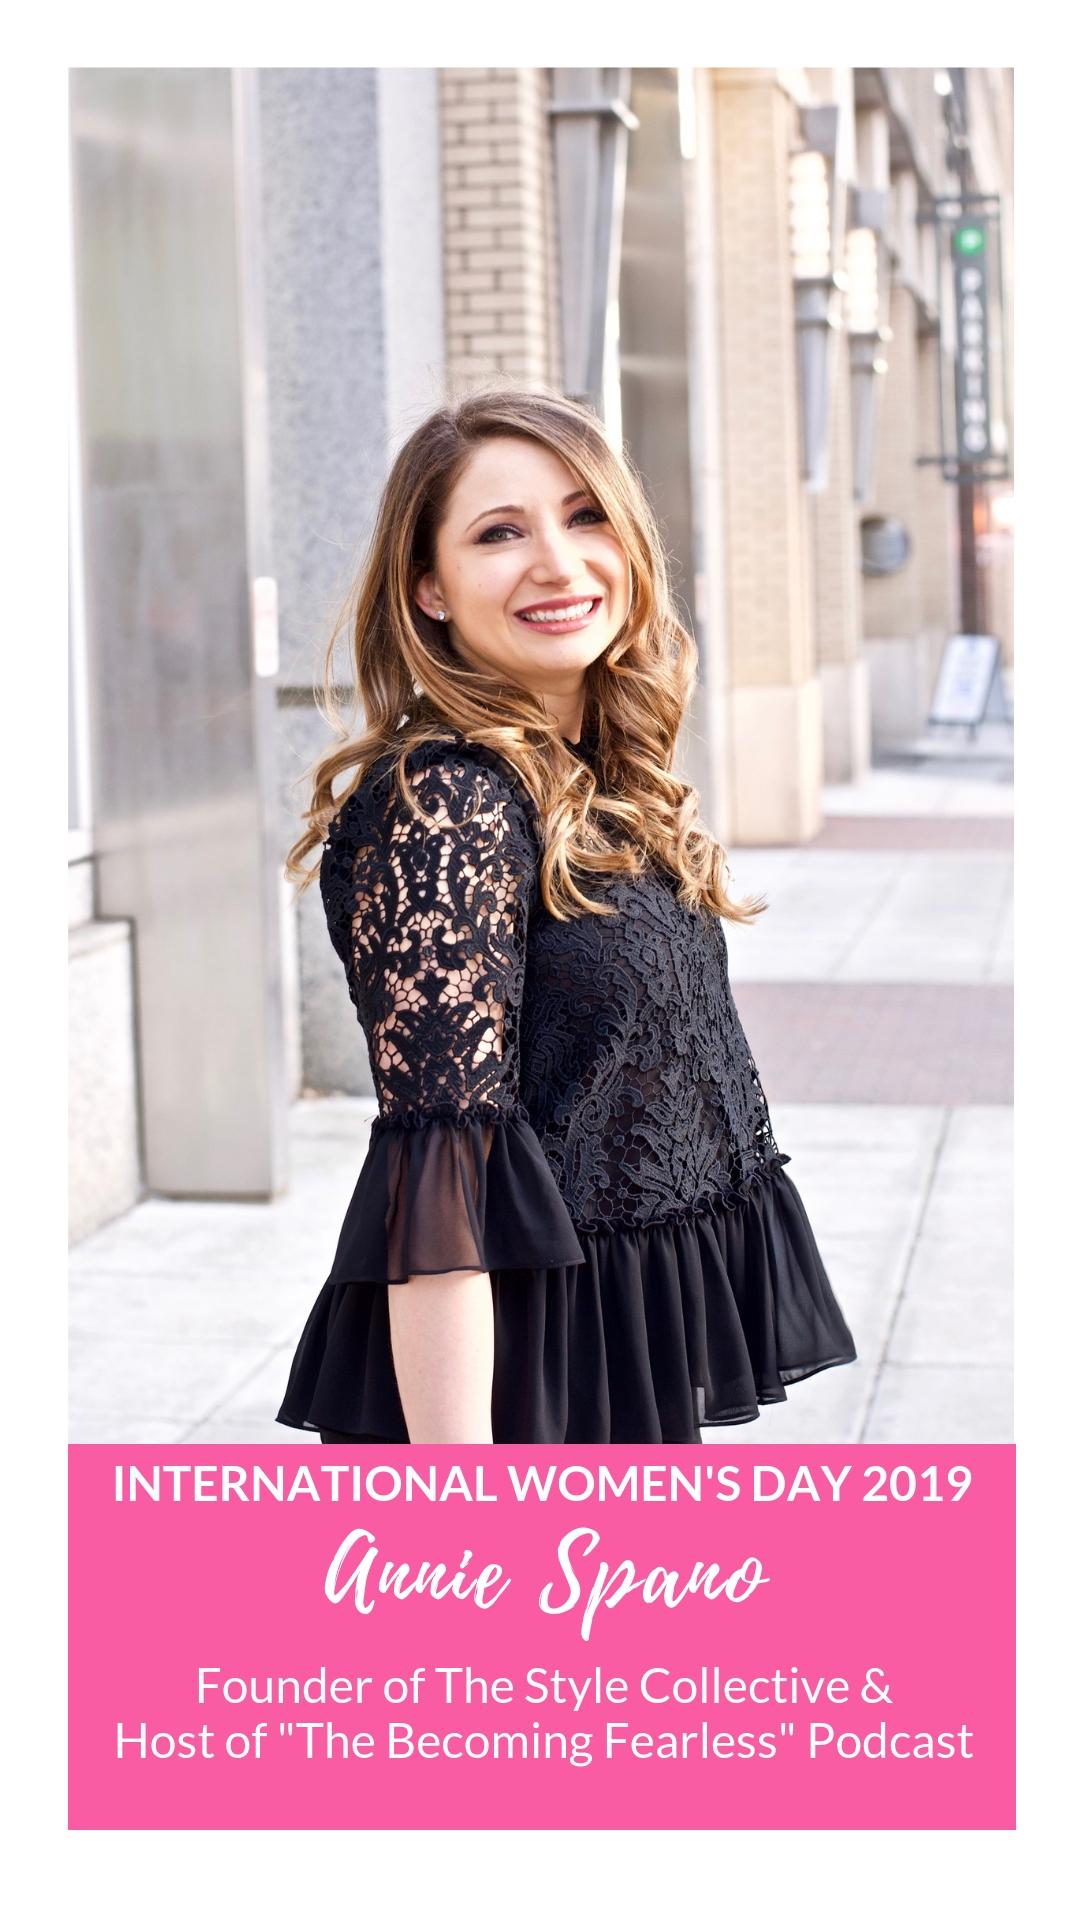 International Women's Day - Annie Spano